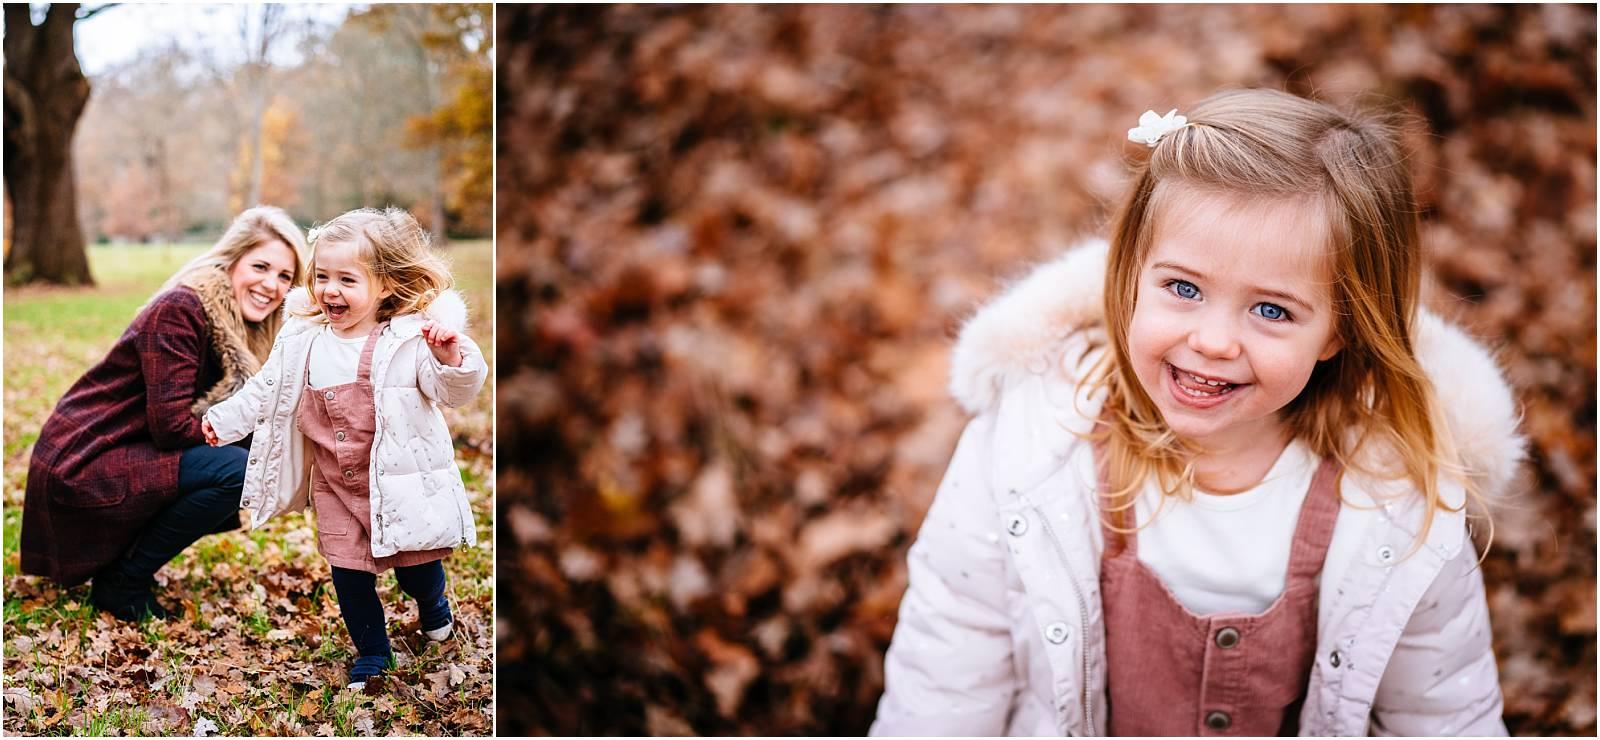 Smiling girl in autumnal windsor park